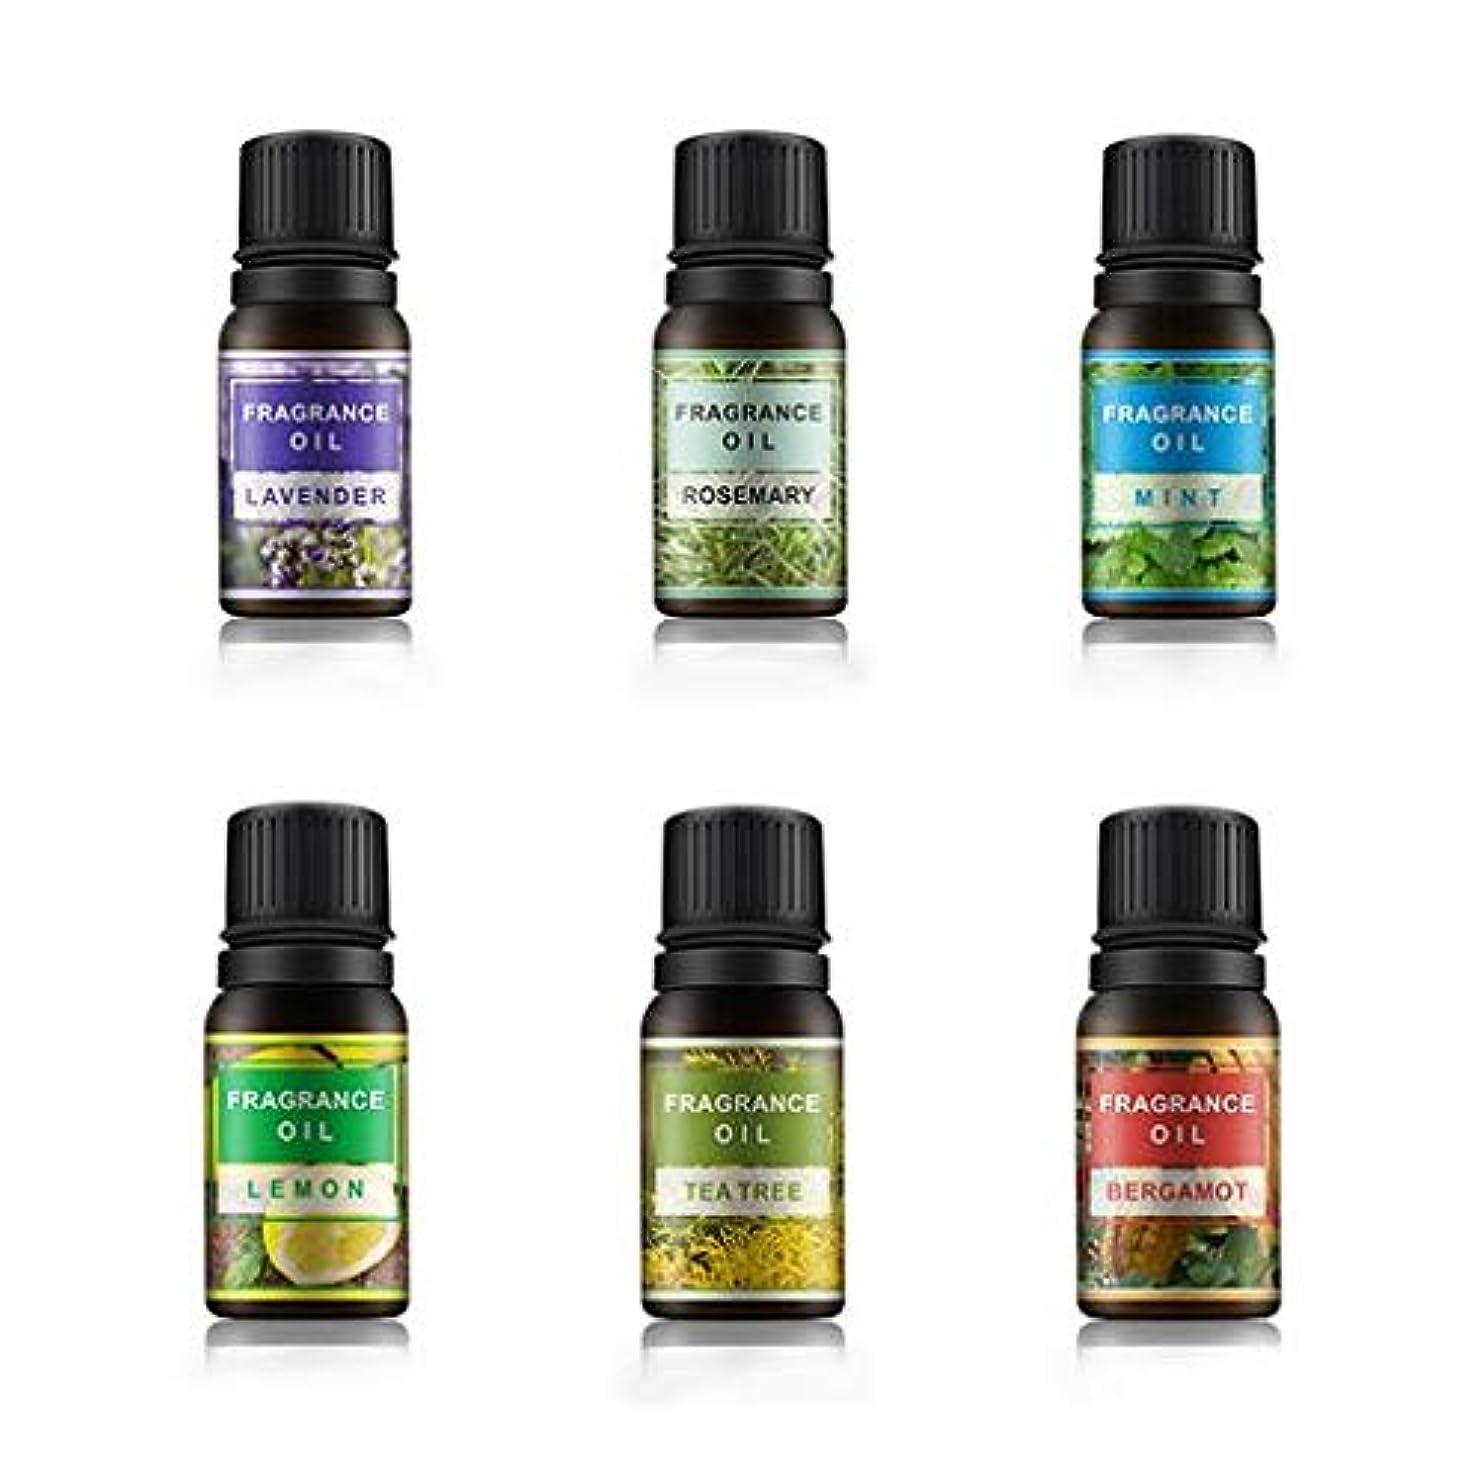 サイズ寸前アクセスできないLioncorek エッセンシャルオイル オイル アロマオイル 精油 水溶性 ナチュラル フレグランス 100%純粋 有機植物 加湿器用 6種の香りセット